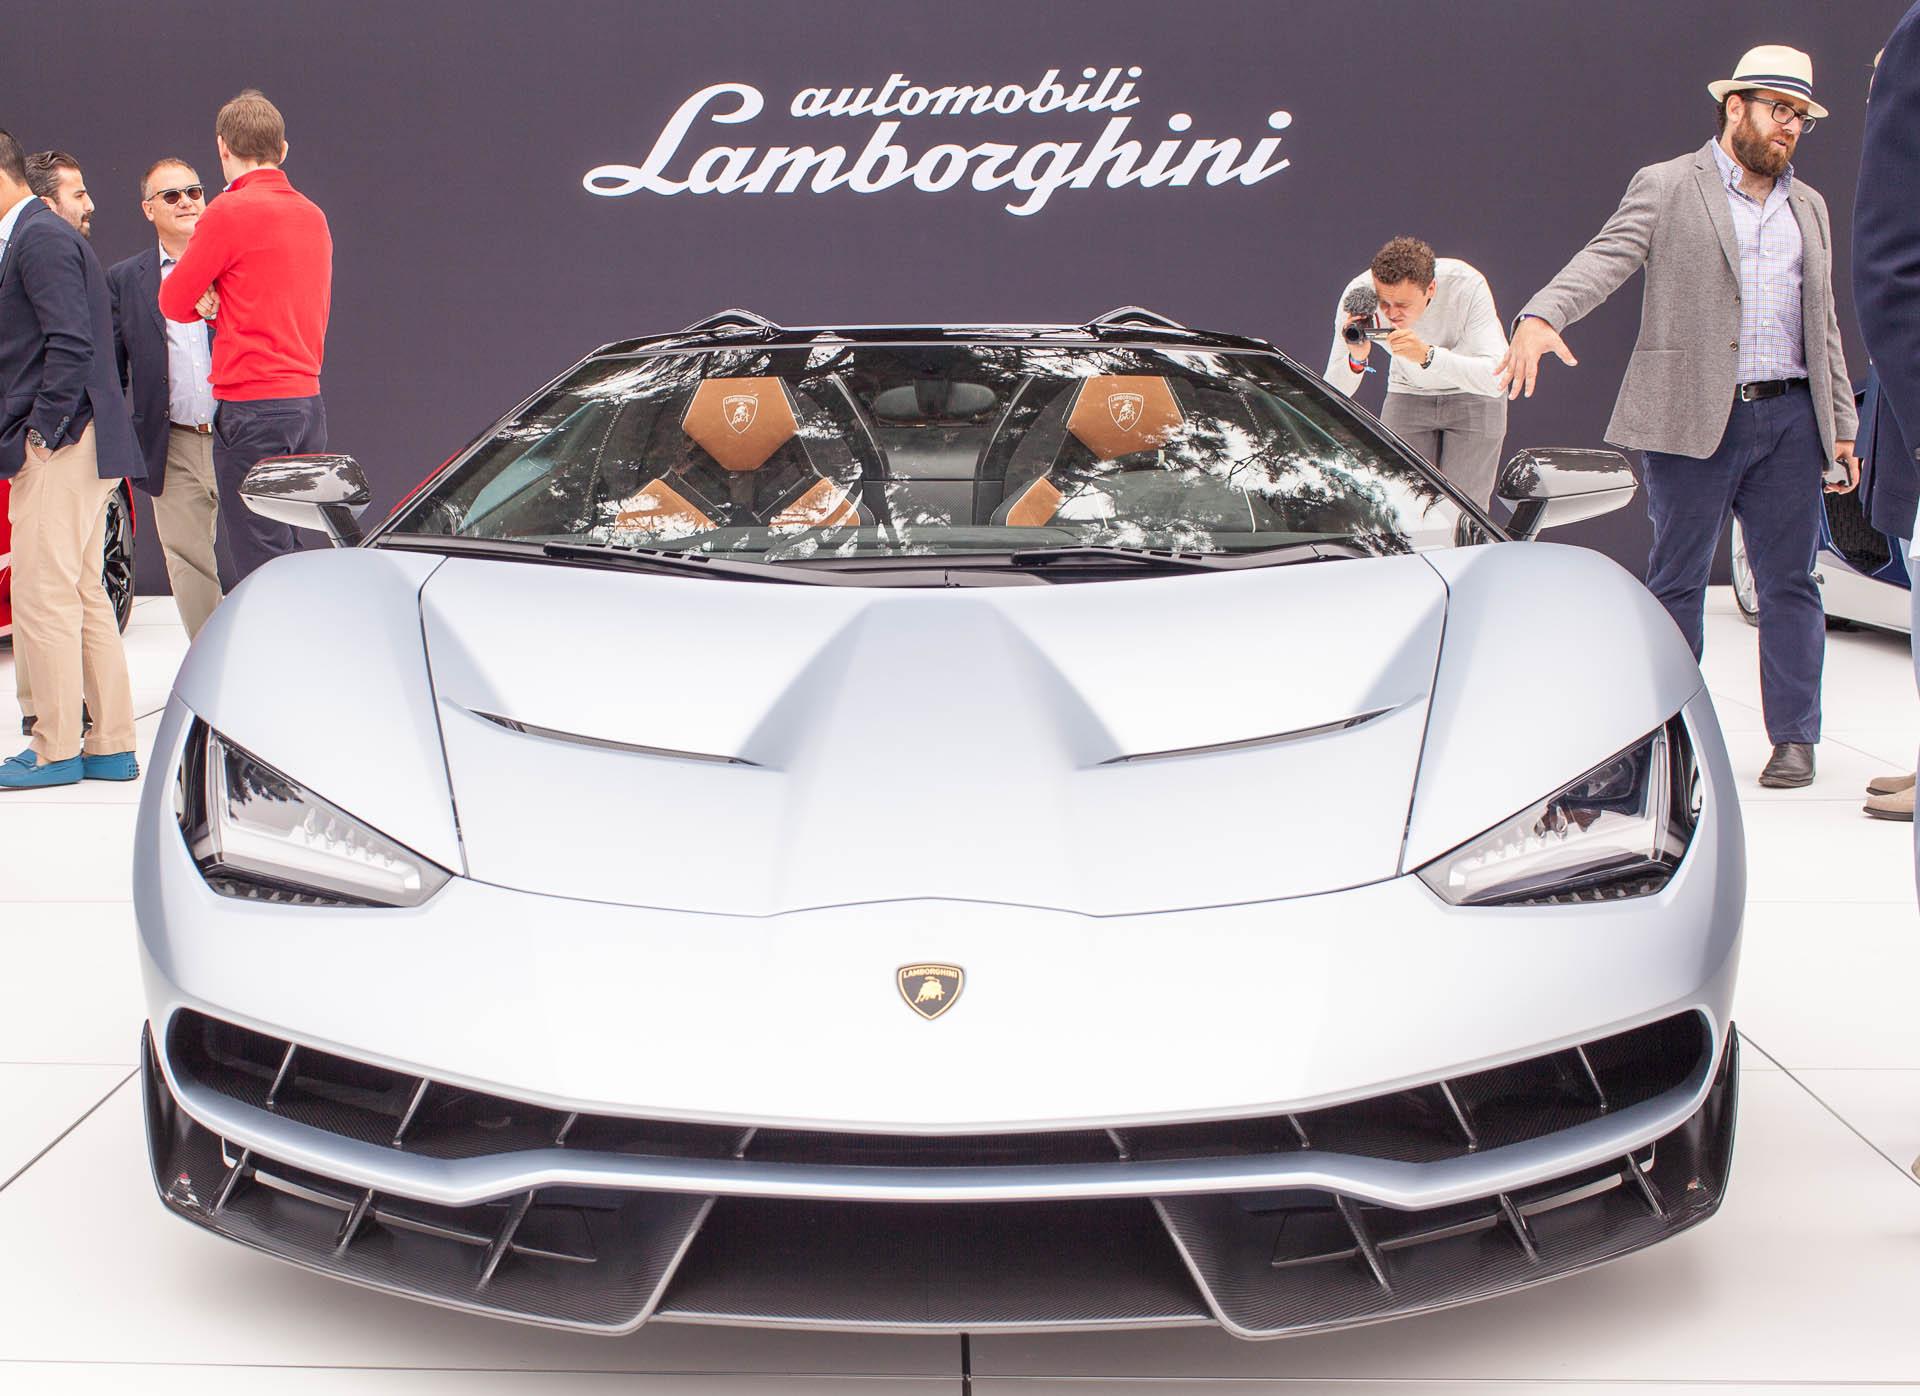 Lamborghini Centenario Would Surprise Even Famous Founder Says